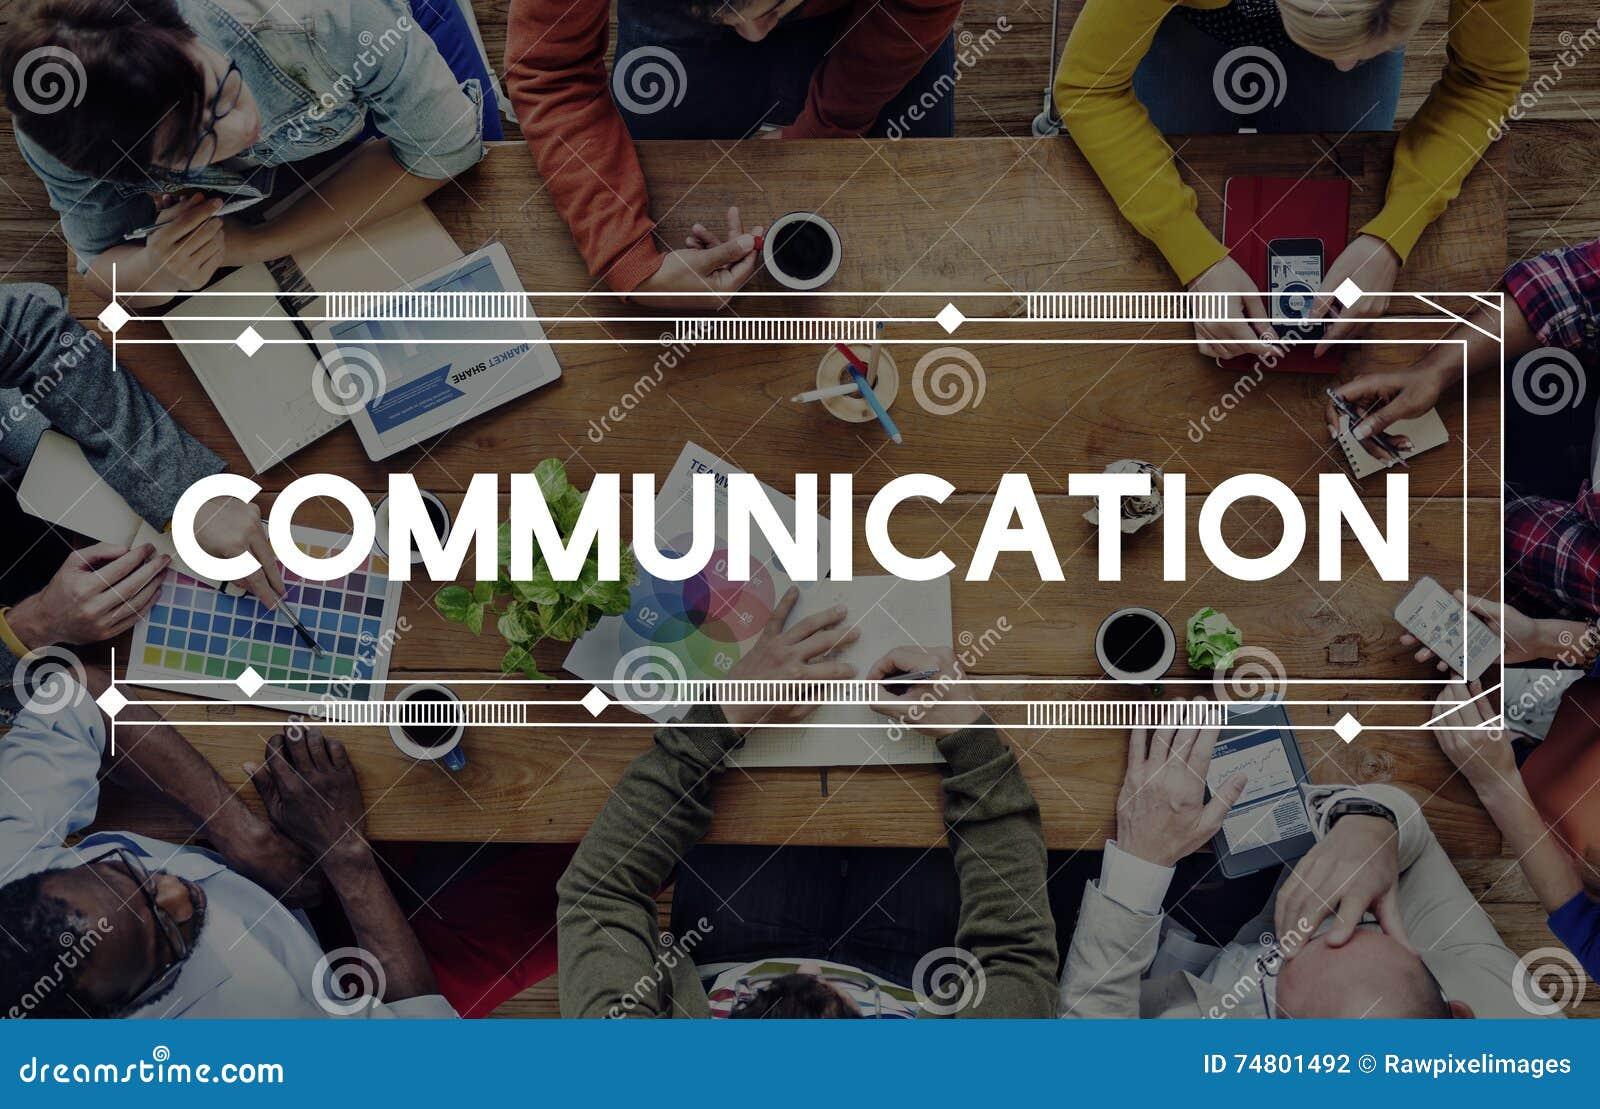 La comunicación comunica concepto de la conversación de la discusión